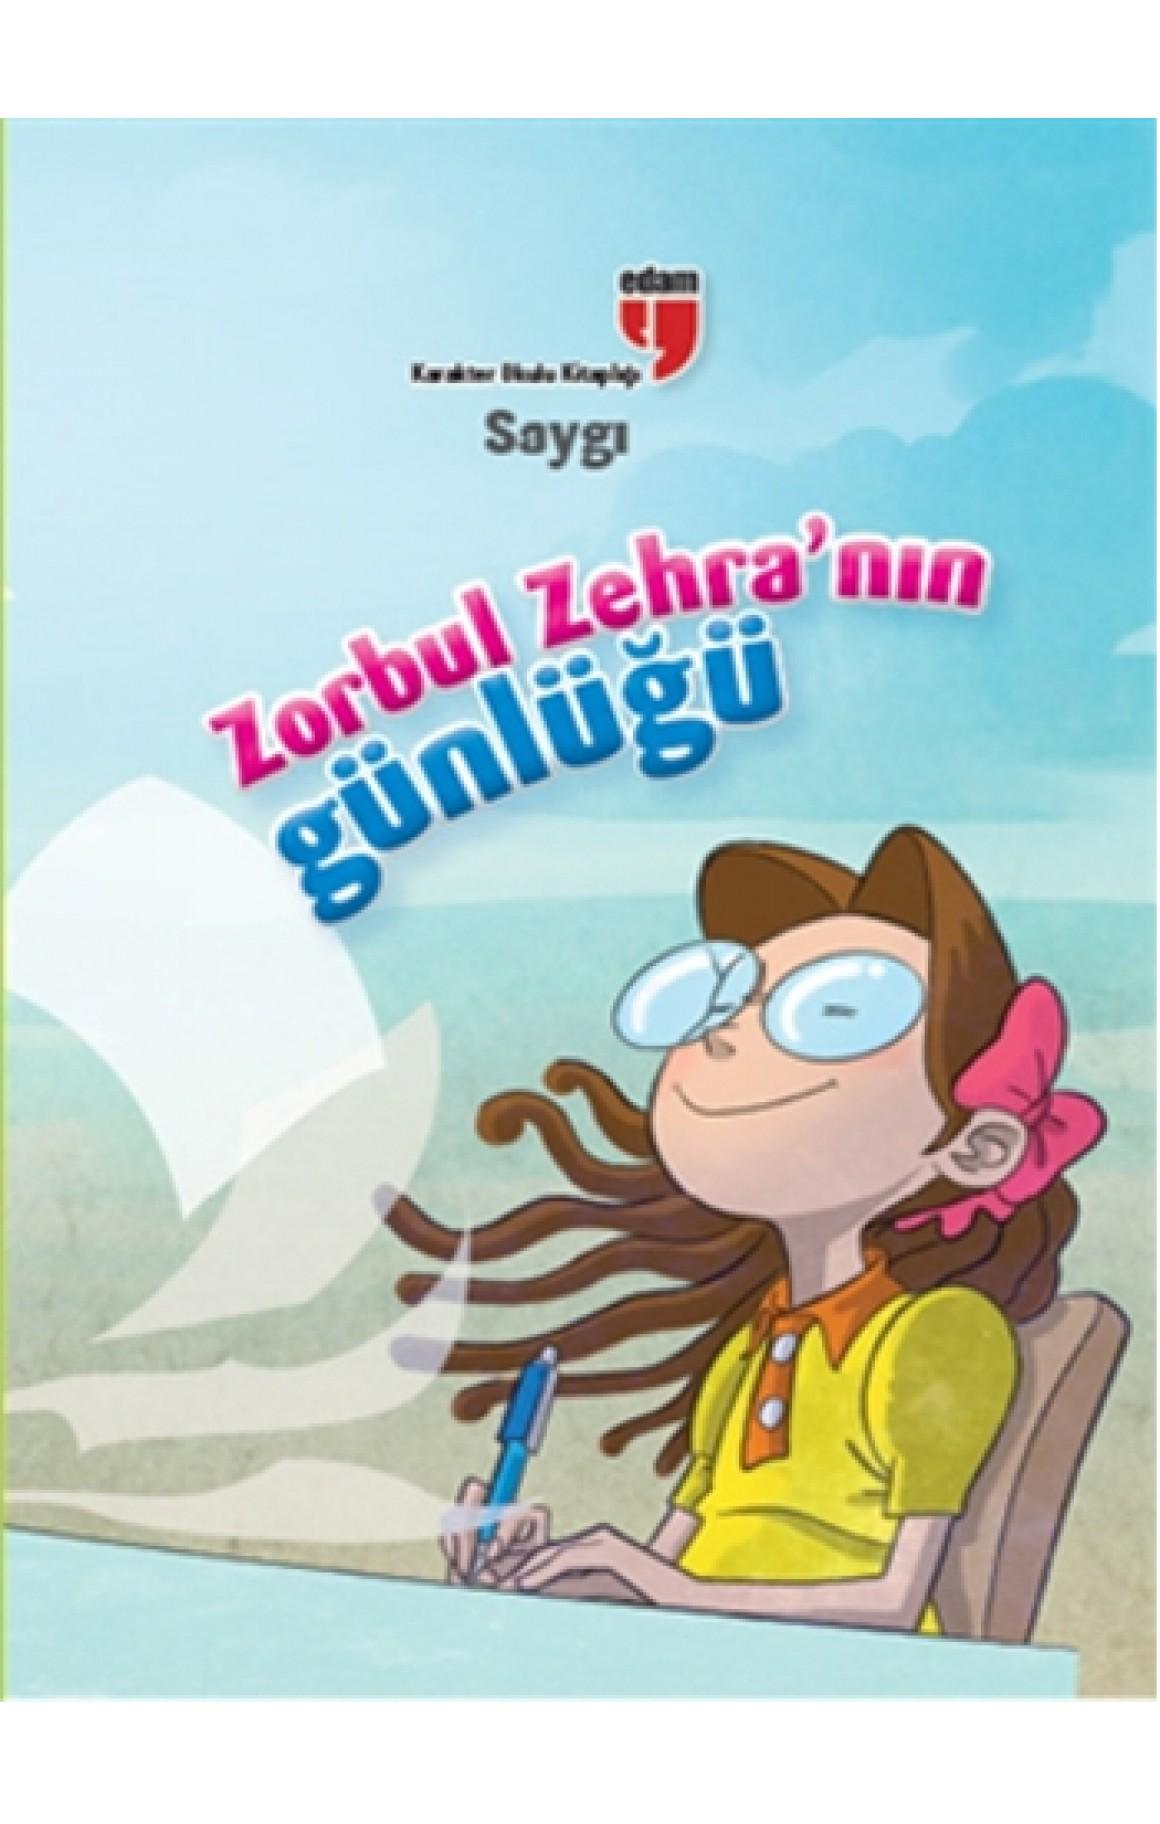 Zorbul Zehra'nın Günlüğü - Saygı